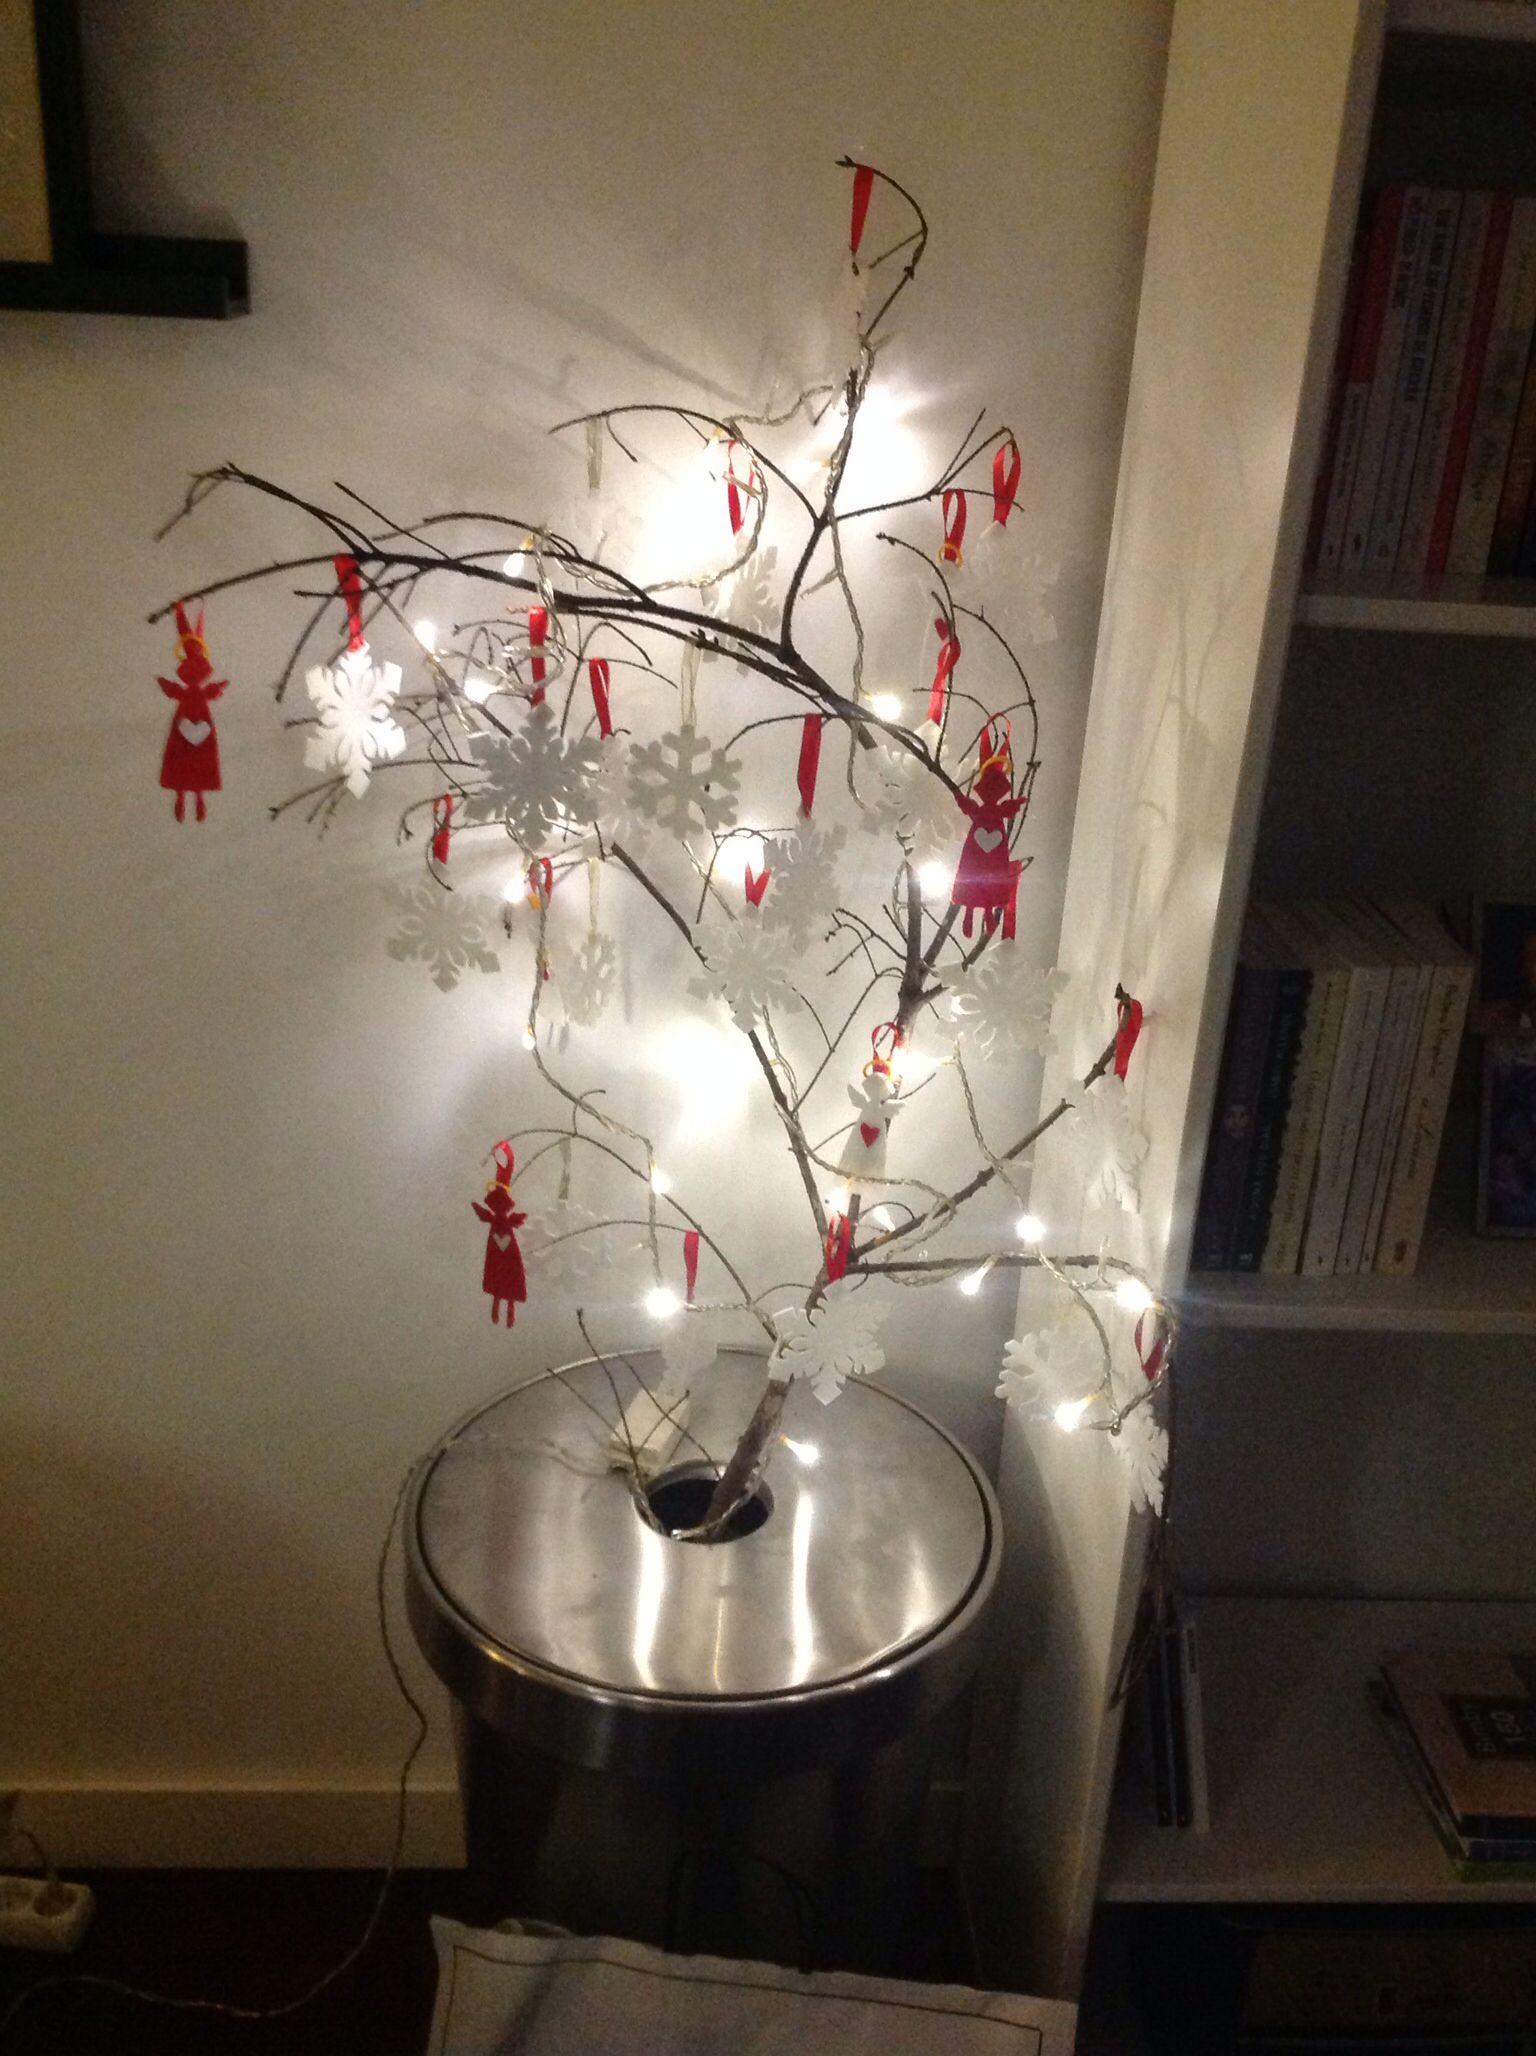 O meu galho de natal - my xmas branch